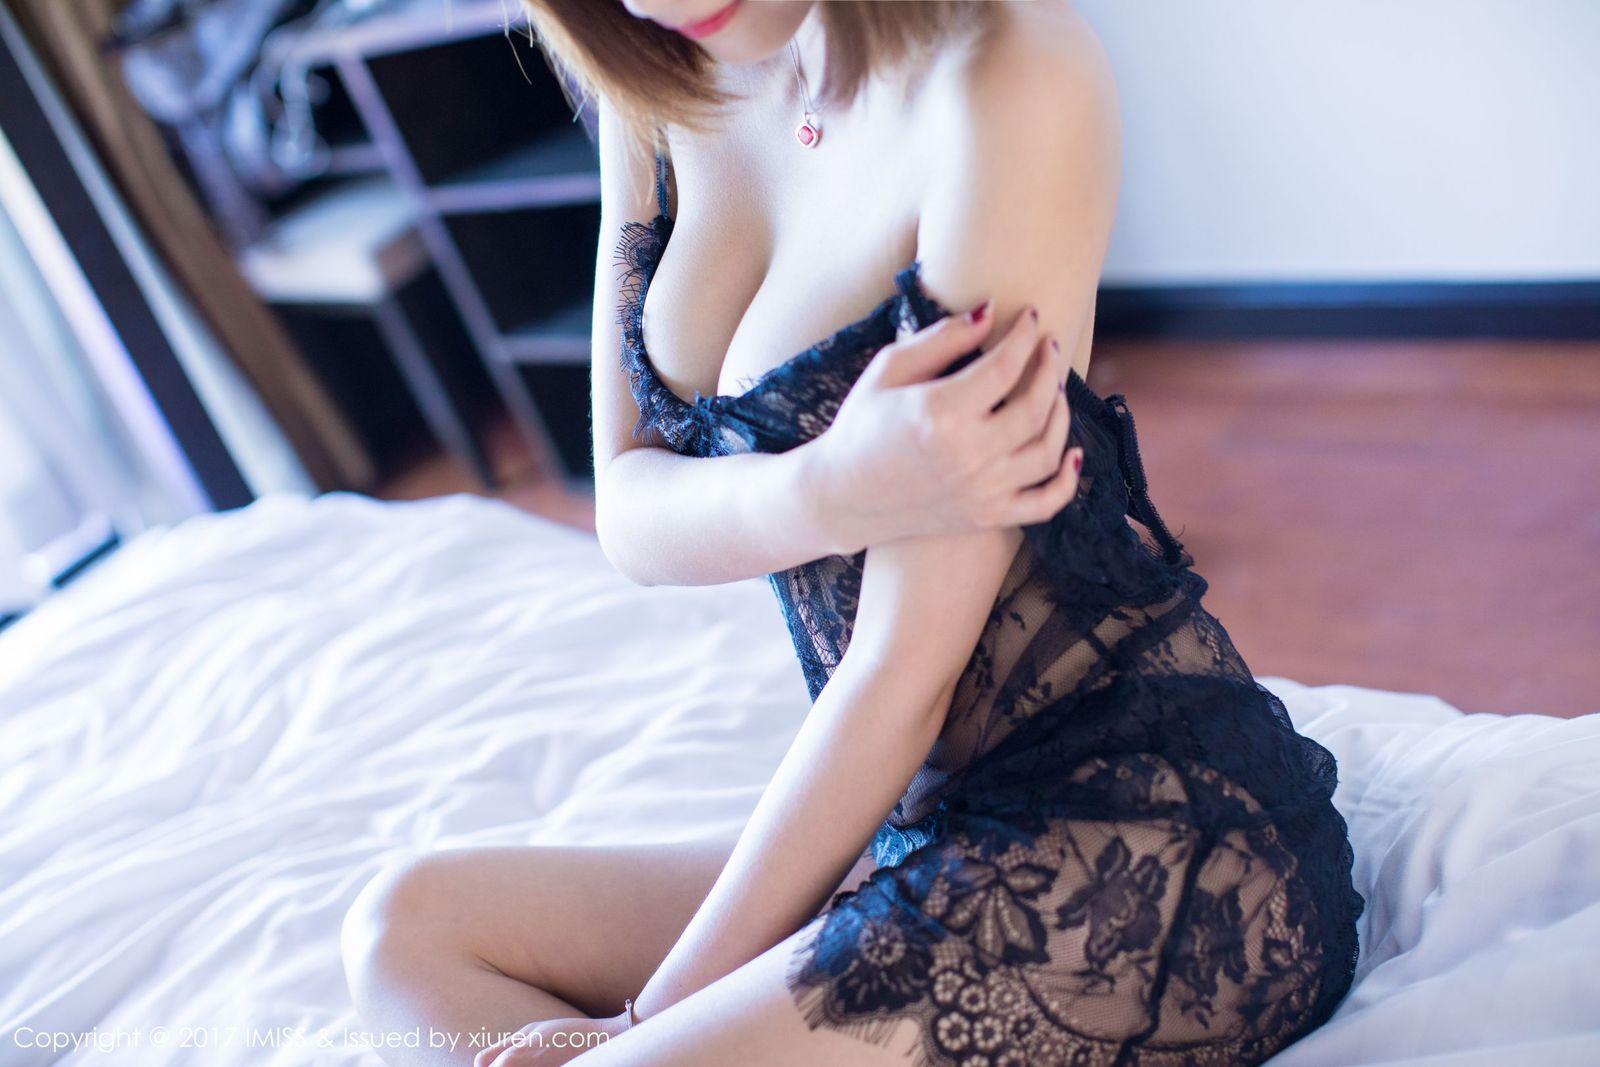 [IMiss爱蜜社] 性感女神杨晨晨sugar蕾丝内衣开背毛衣爆乳大尺度写真